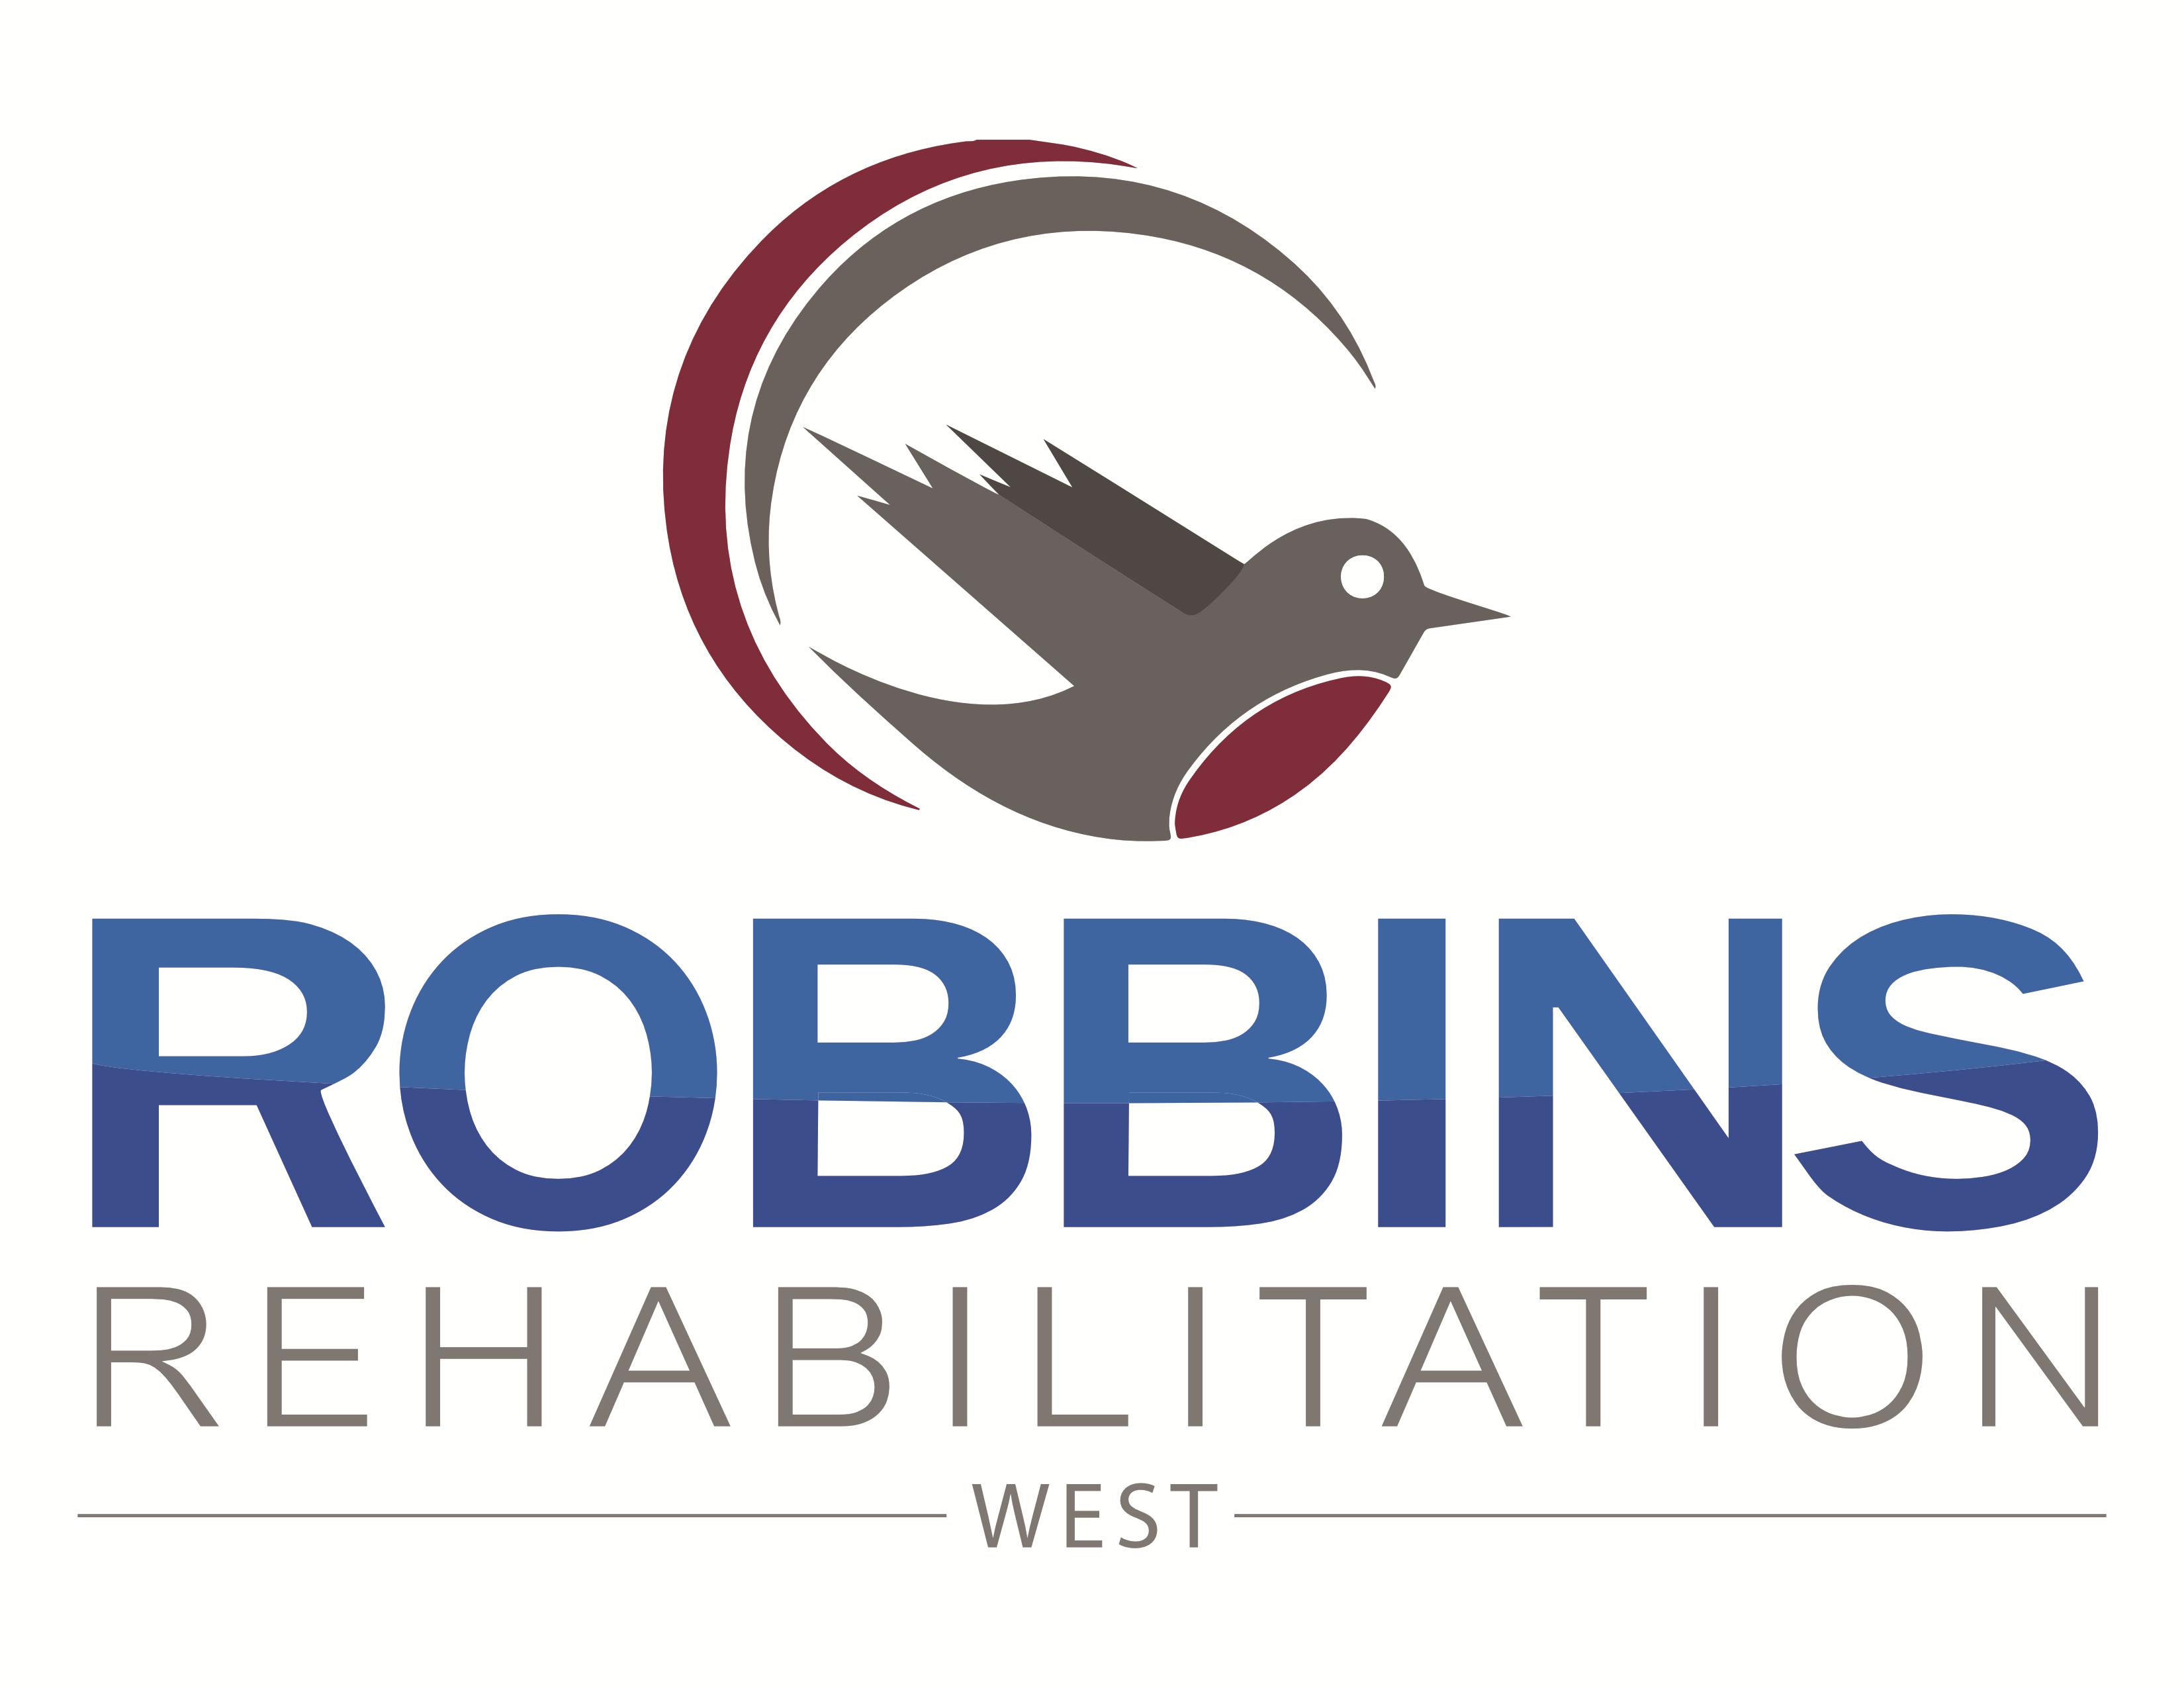 Robbins Rehabilitation West logo